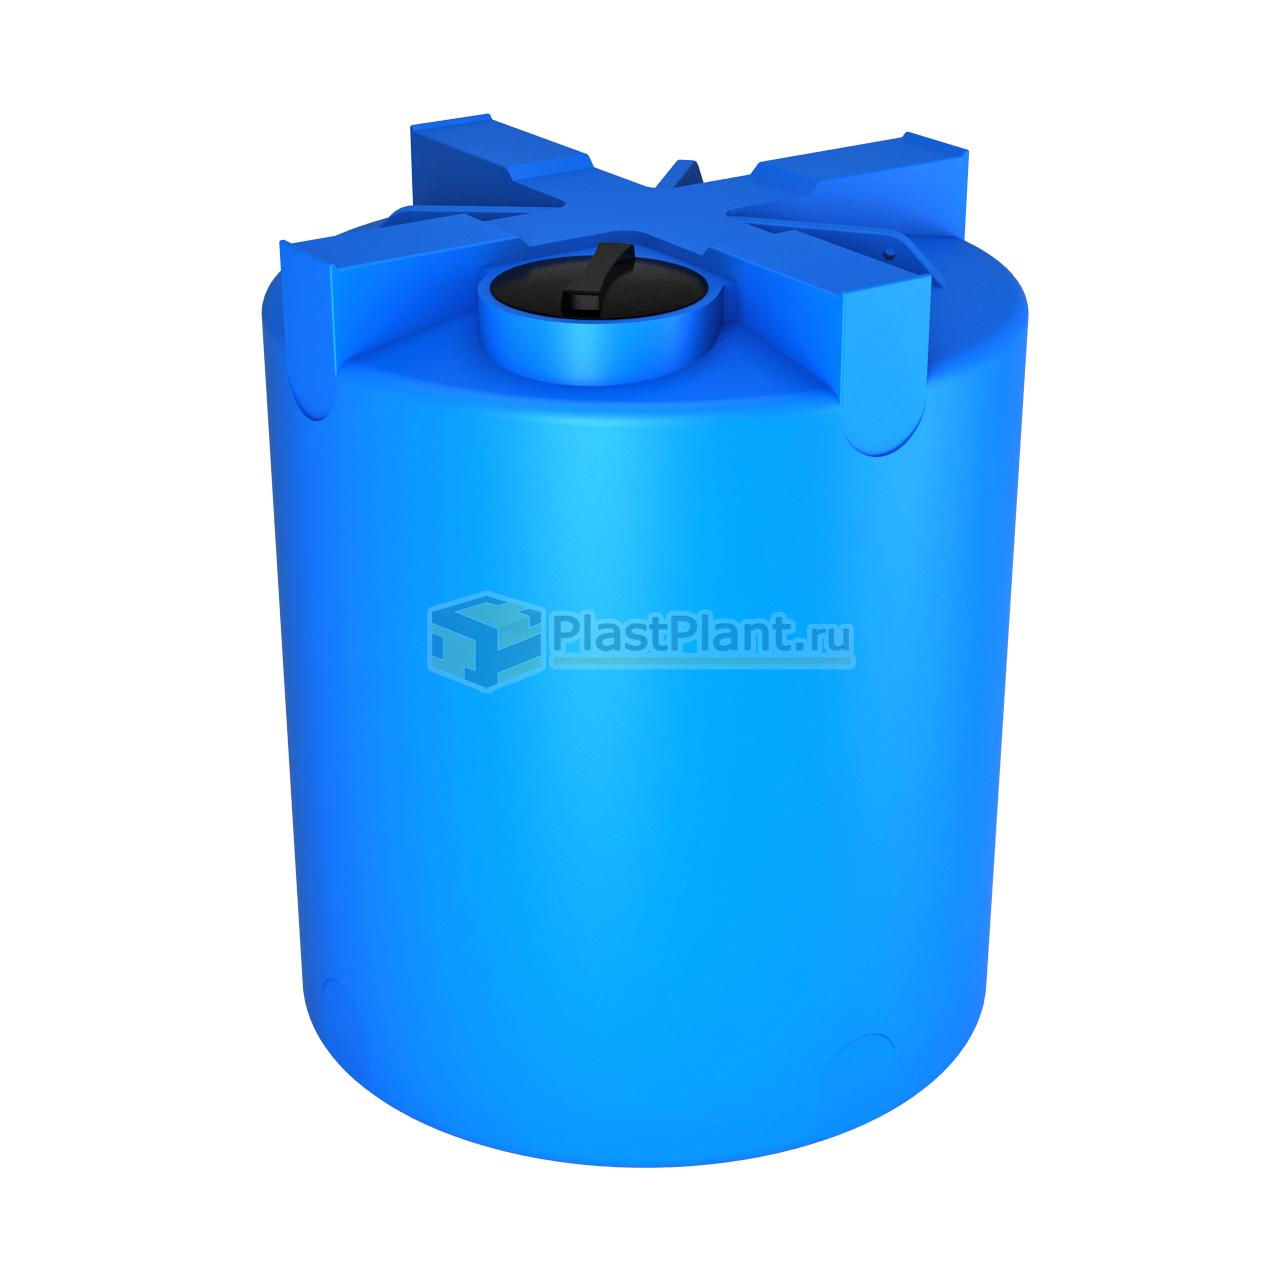 Емкость Т 5000 литров (T 5000) в компании ПластПлэнт